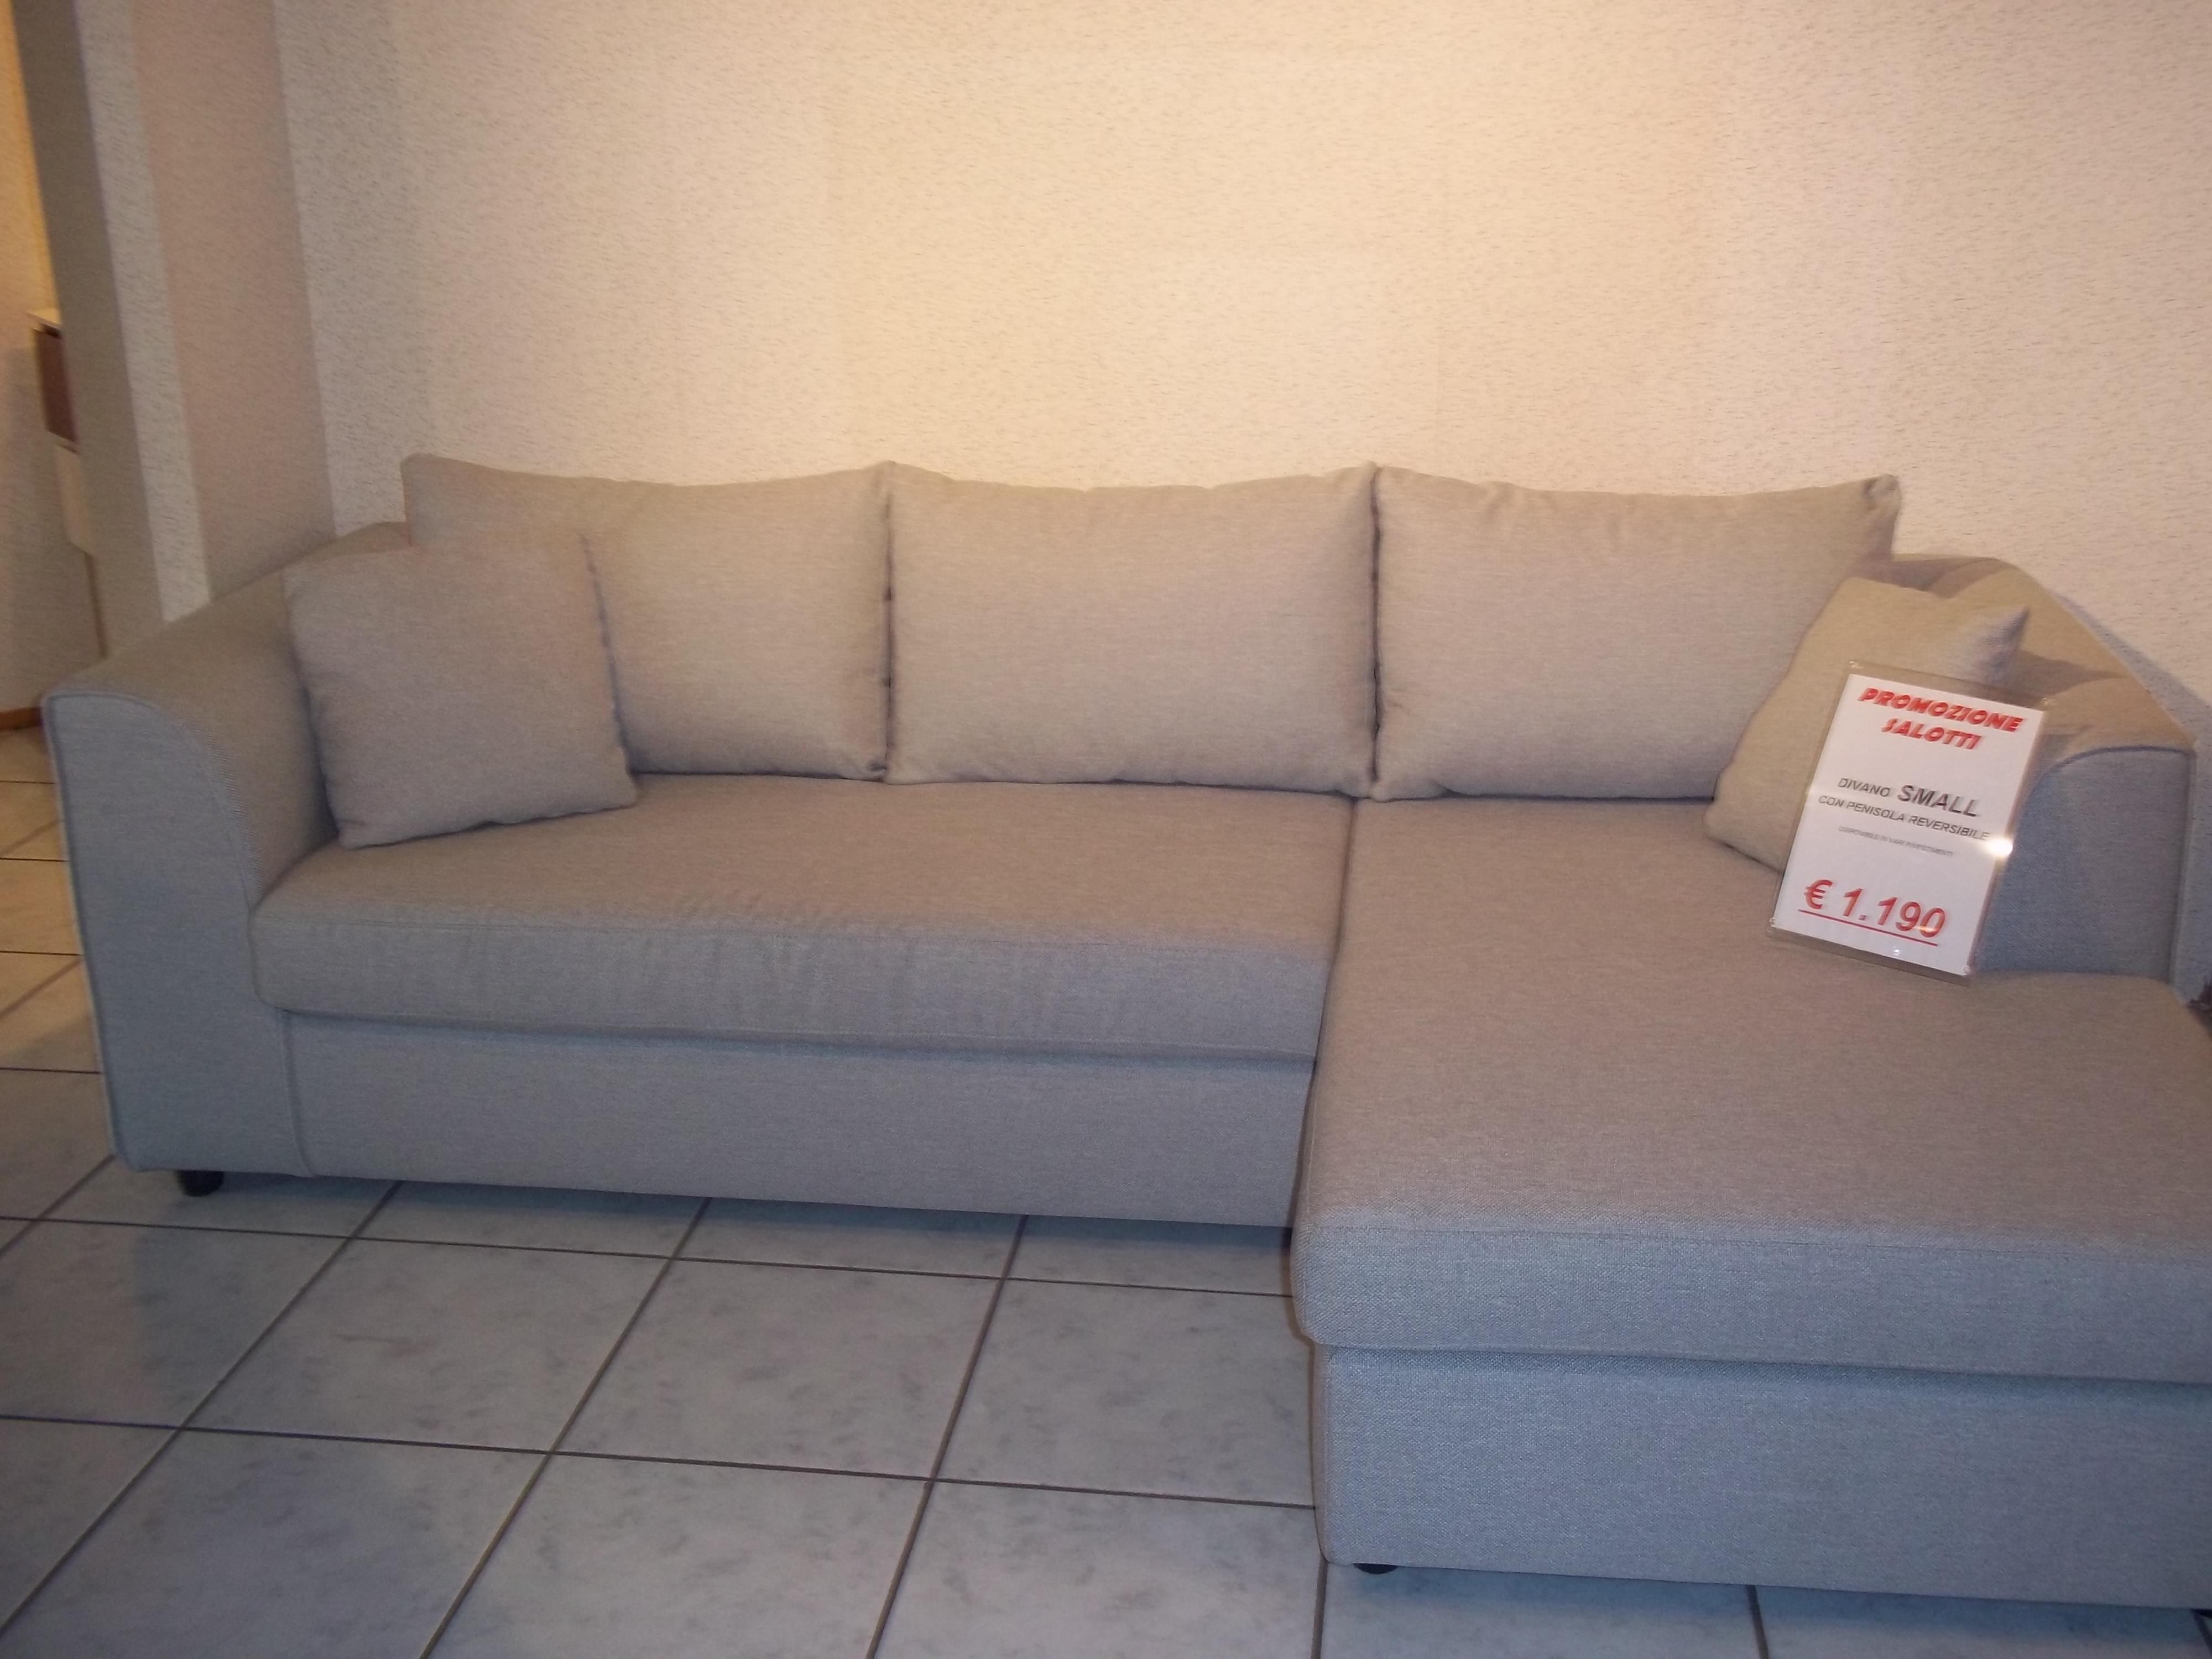 Offerta divano berloni divani a prezzi scontati for Divani shabby in offerta